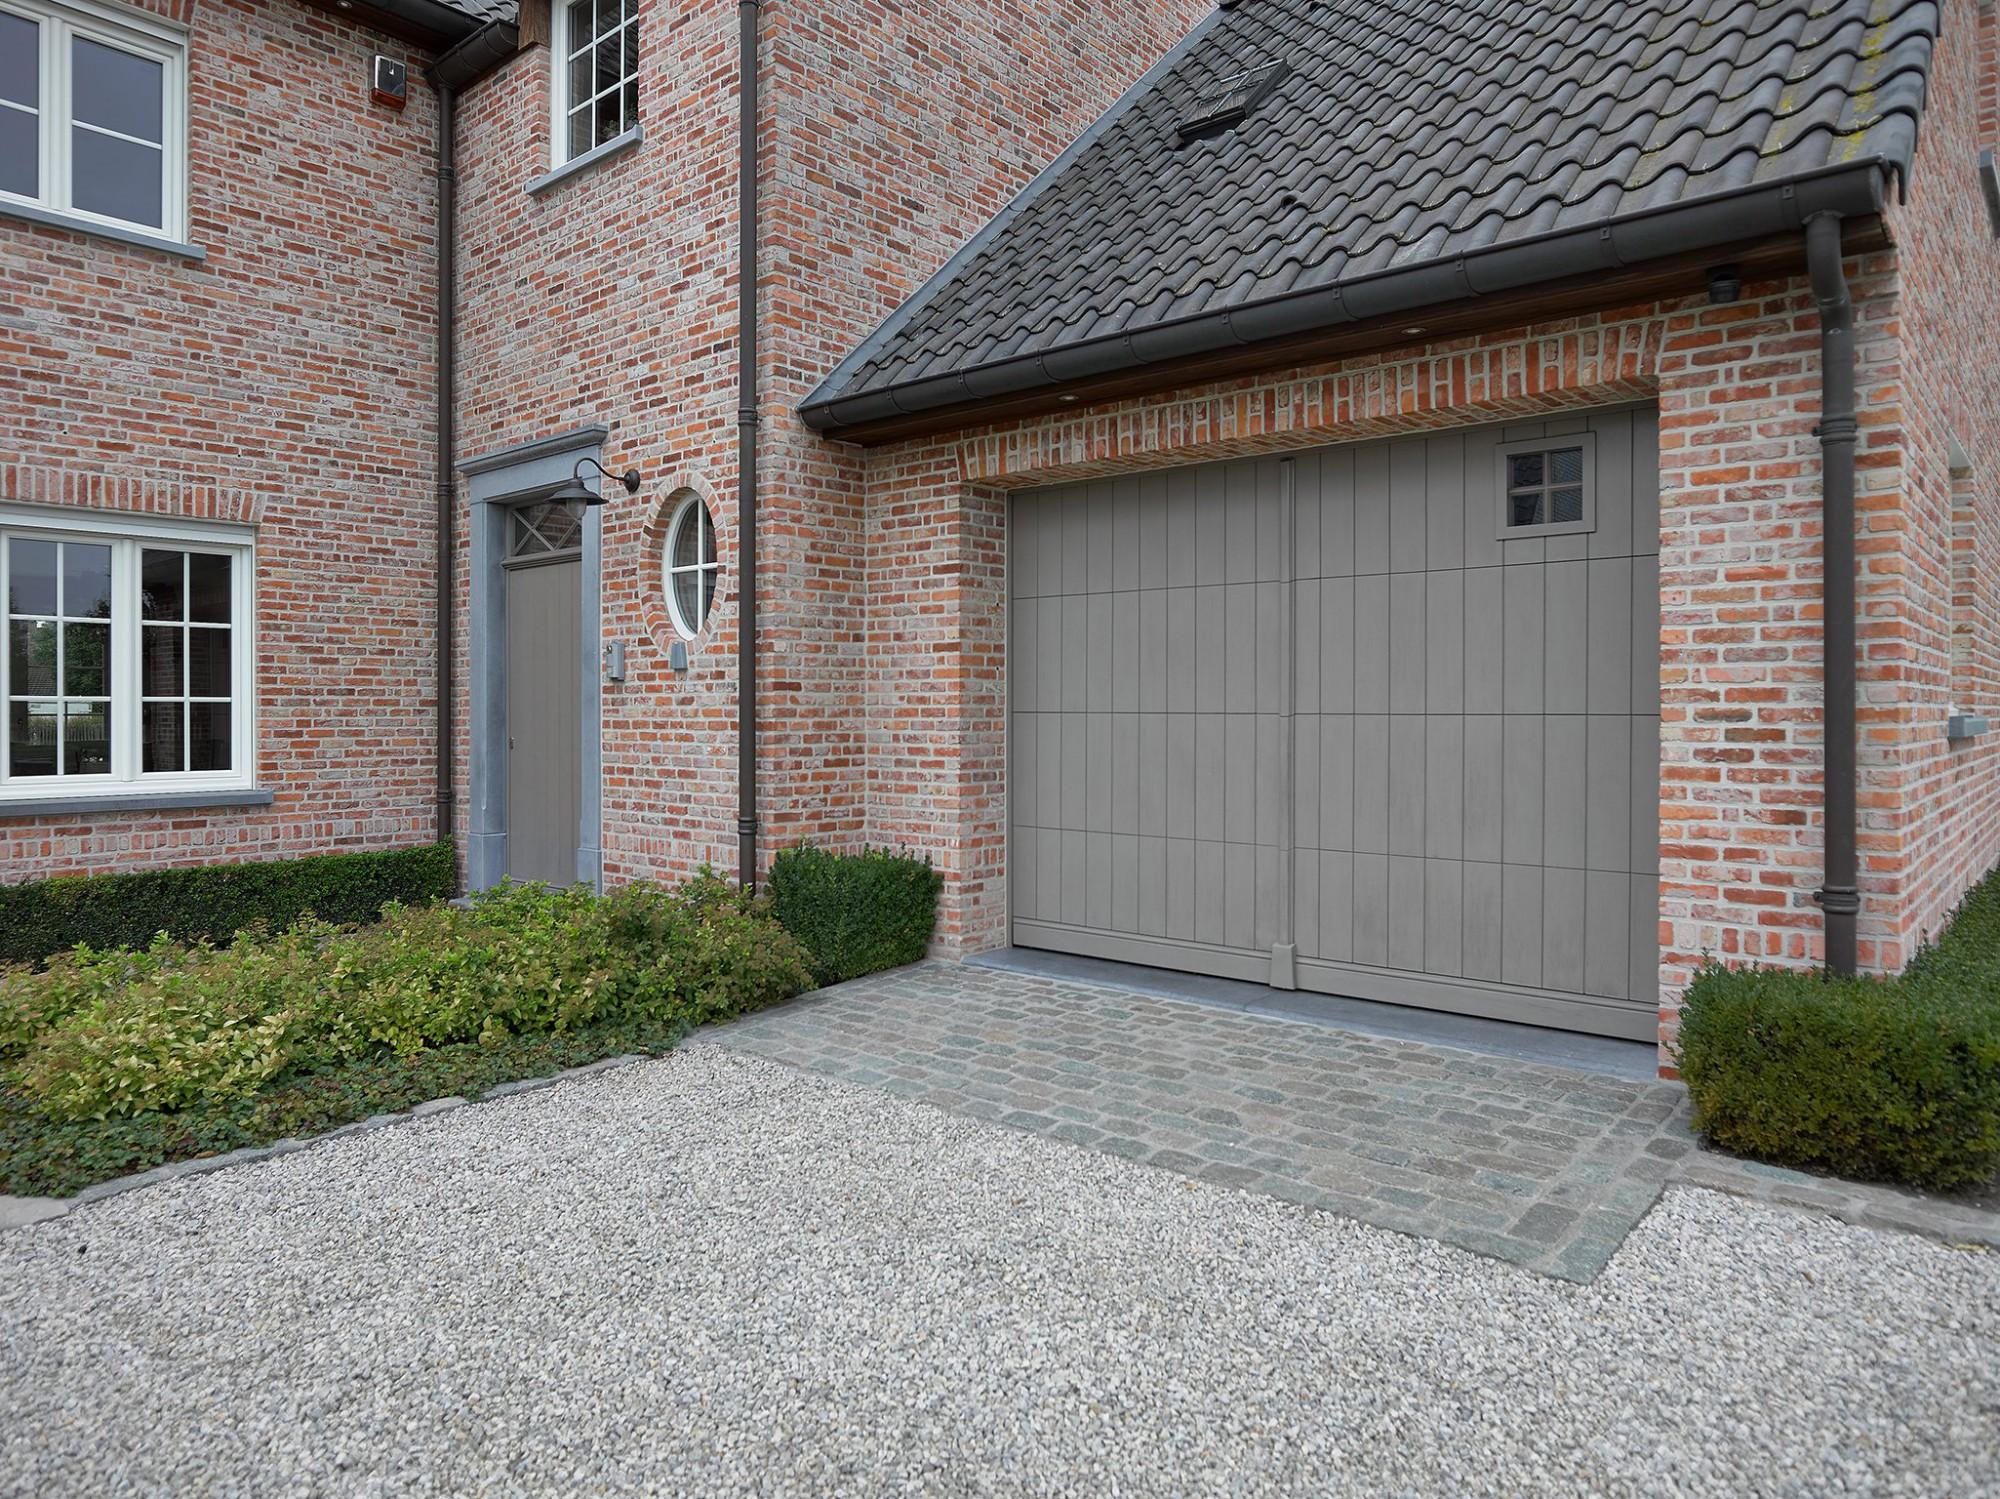 Afbeelding: Productfotografie garagepoorten voor Hörmann Belgium.